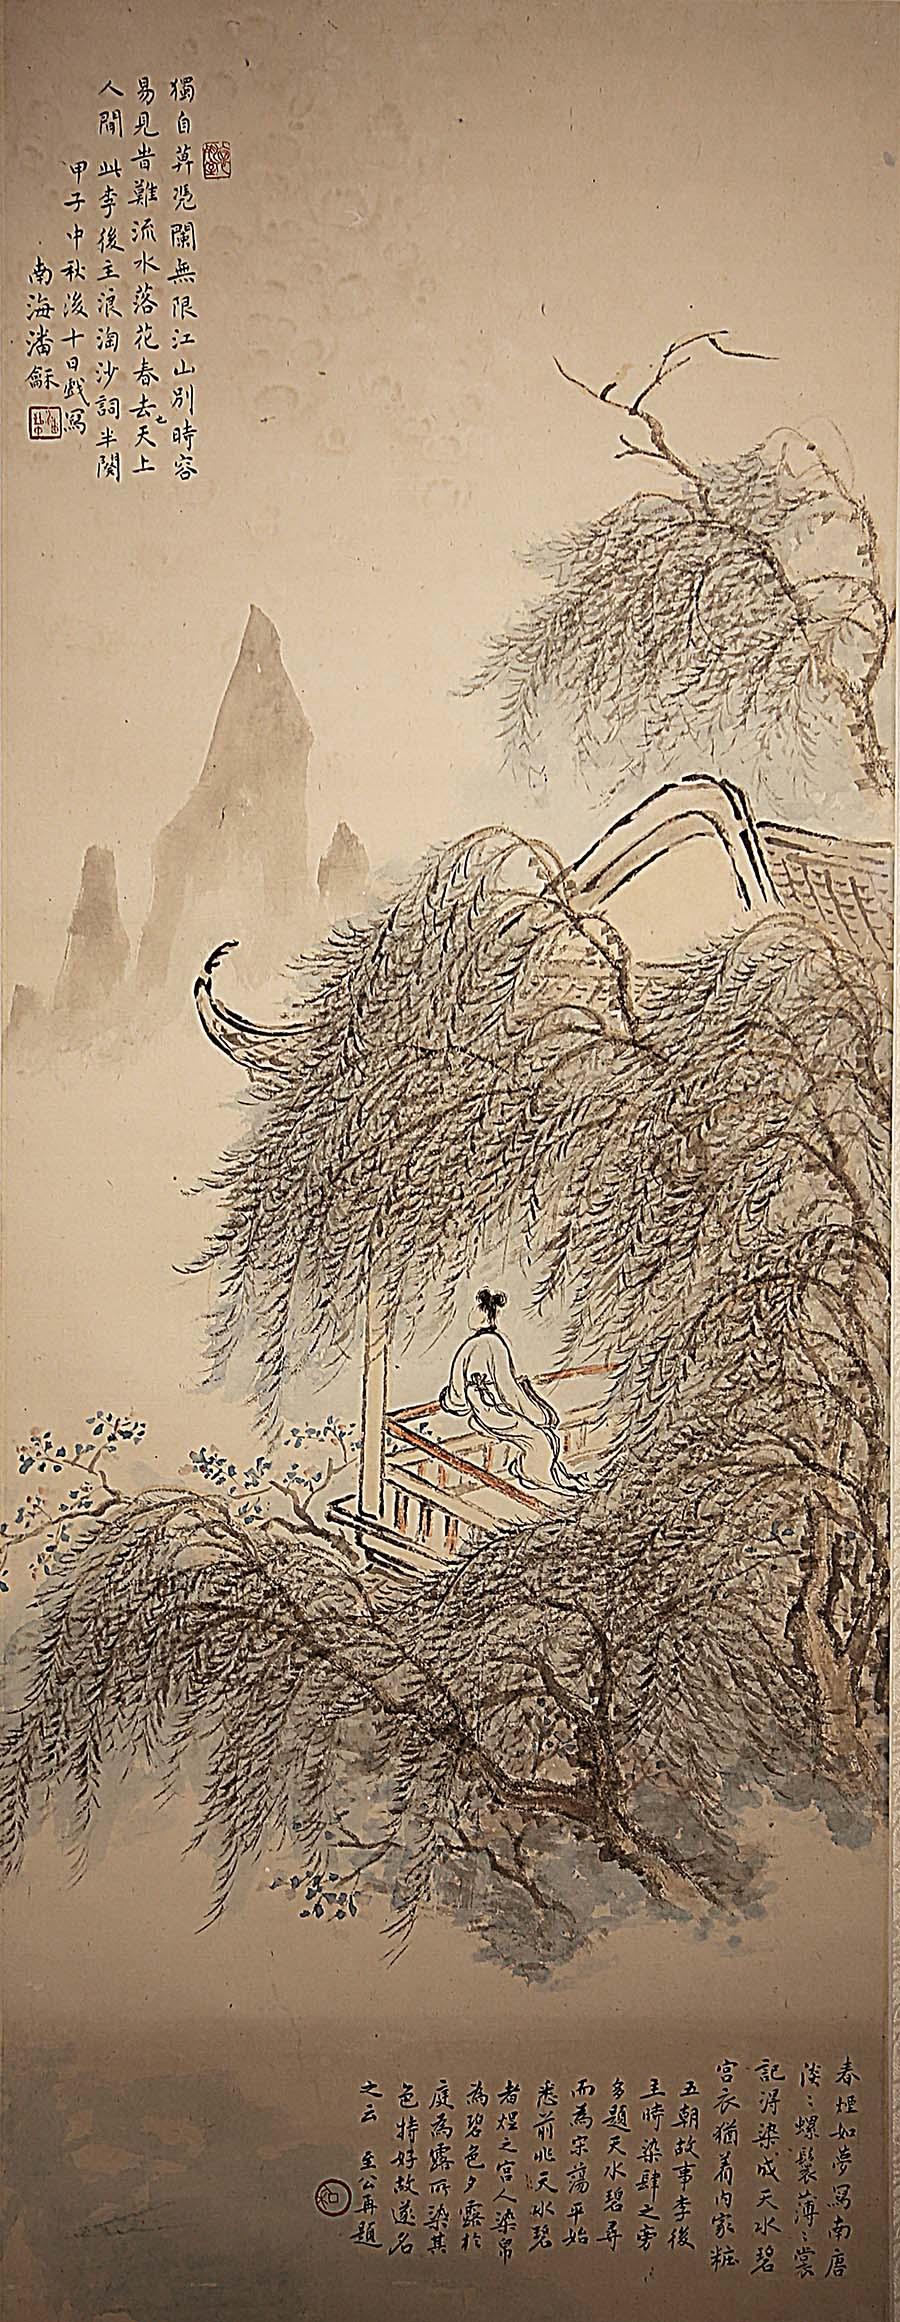 潘龢《桃柳人物图轴》中国画 1924年 广东省博物馆藏